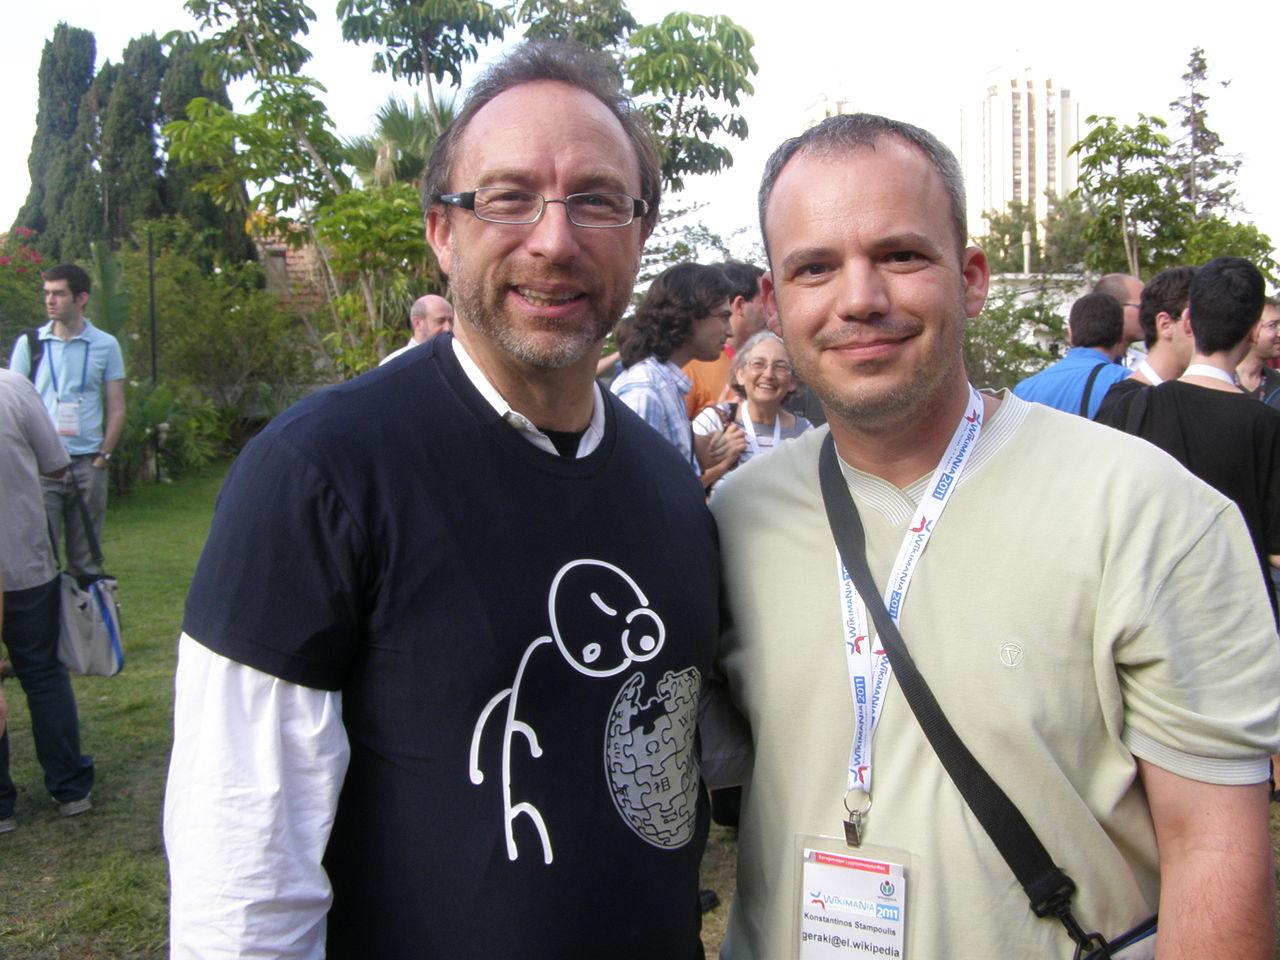 Κωνσταντίνος Σταμπουλής (Geraki) (δεξιά) και Τζίμι Γουέιλς (αριστερά) στο Wikimania 2011 στην Χάιφα του Ισραήλ.